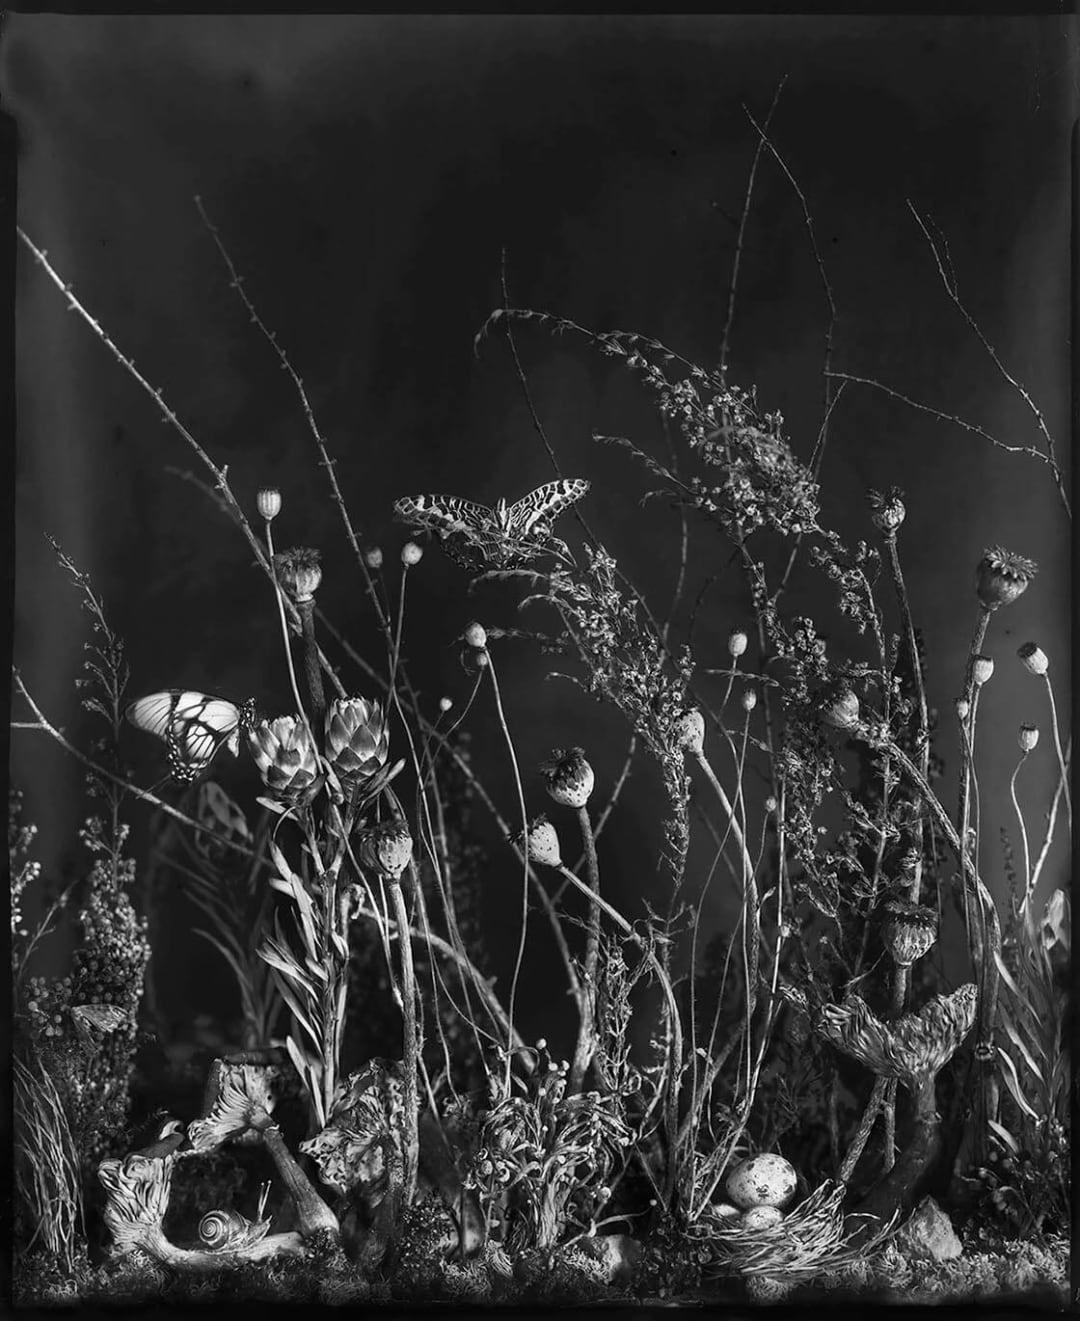 Underbrush 1, 2016 - Whitney Lewis-Smith